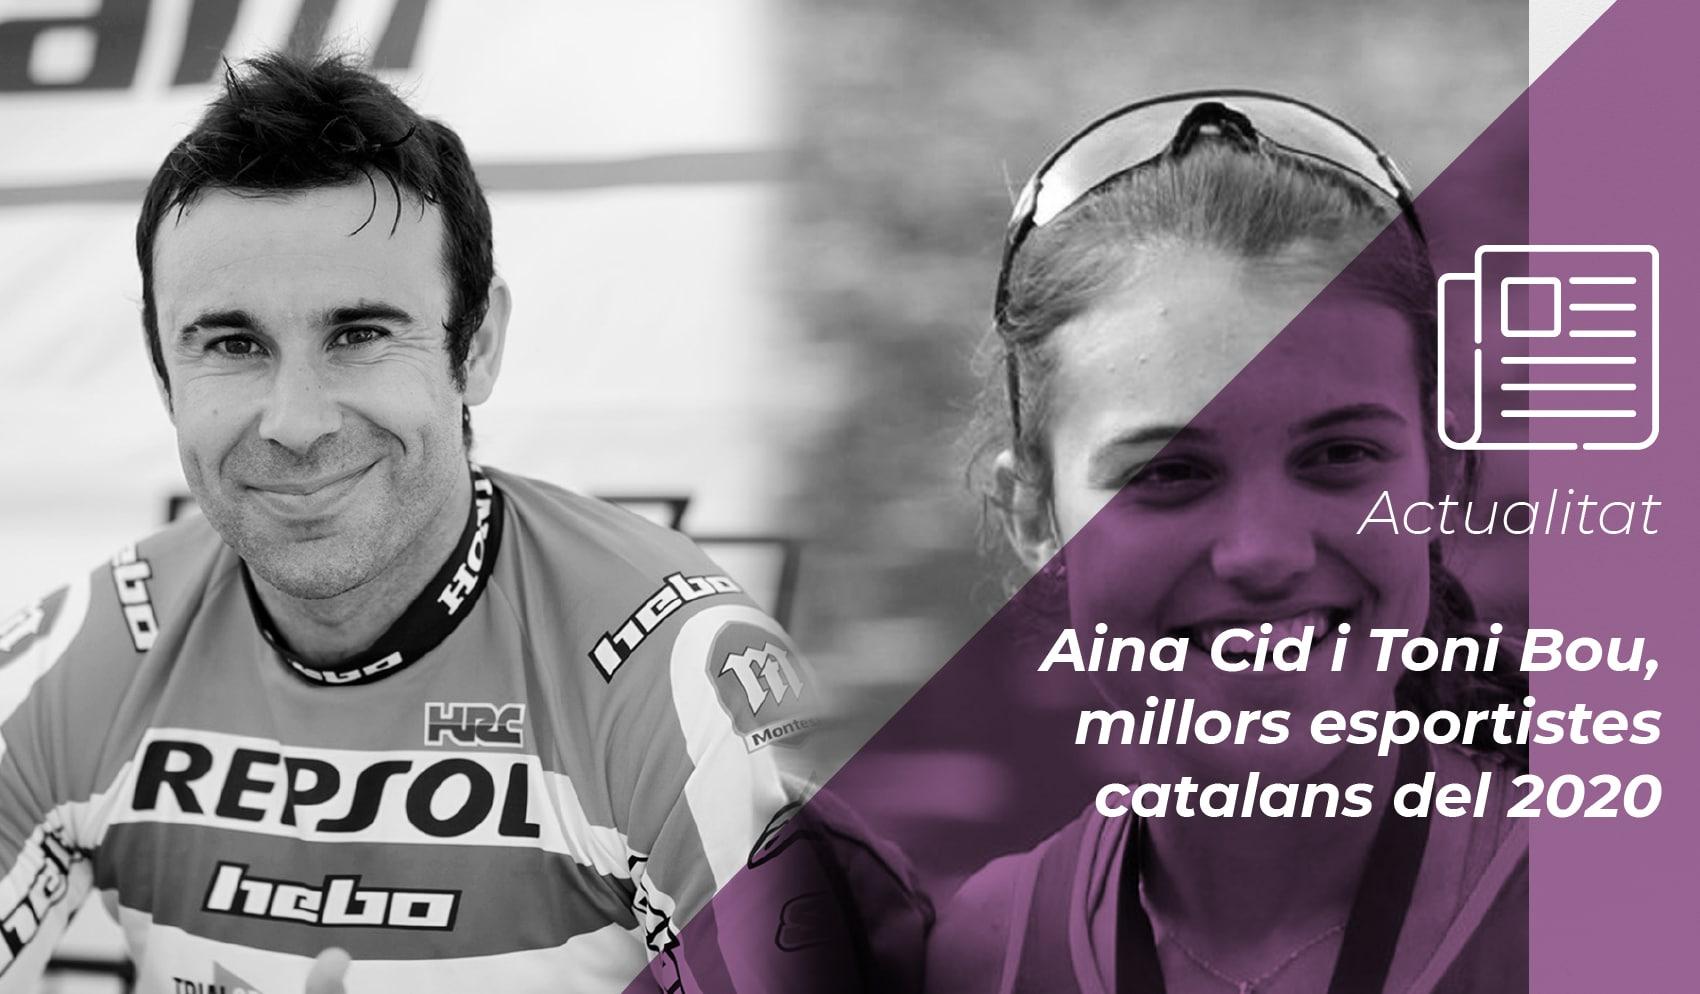 Aina Cid i Toni Bou, millors esportistes catalans del 2020 1